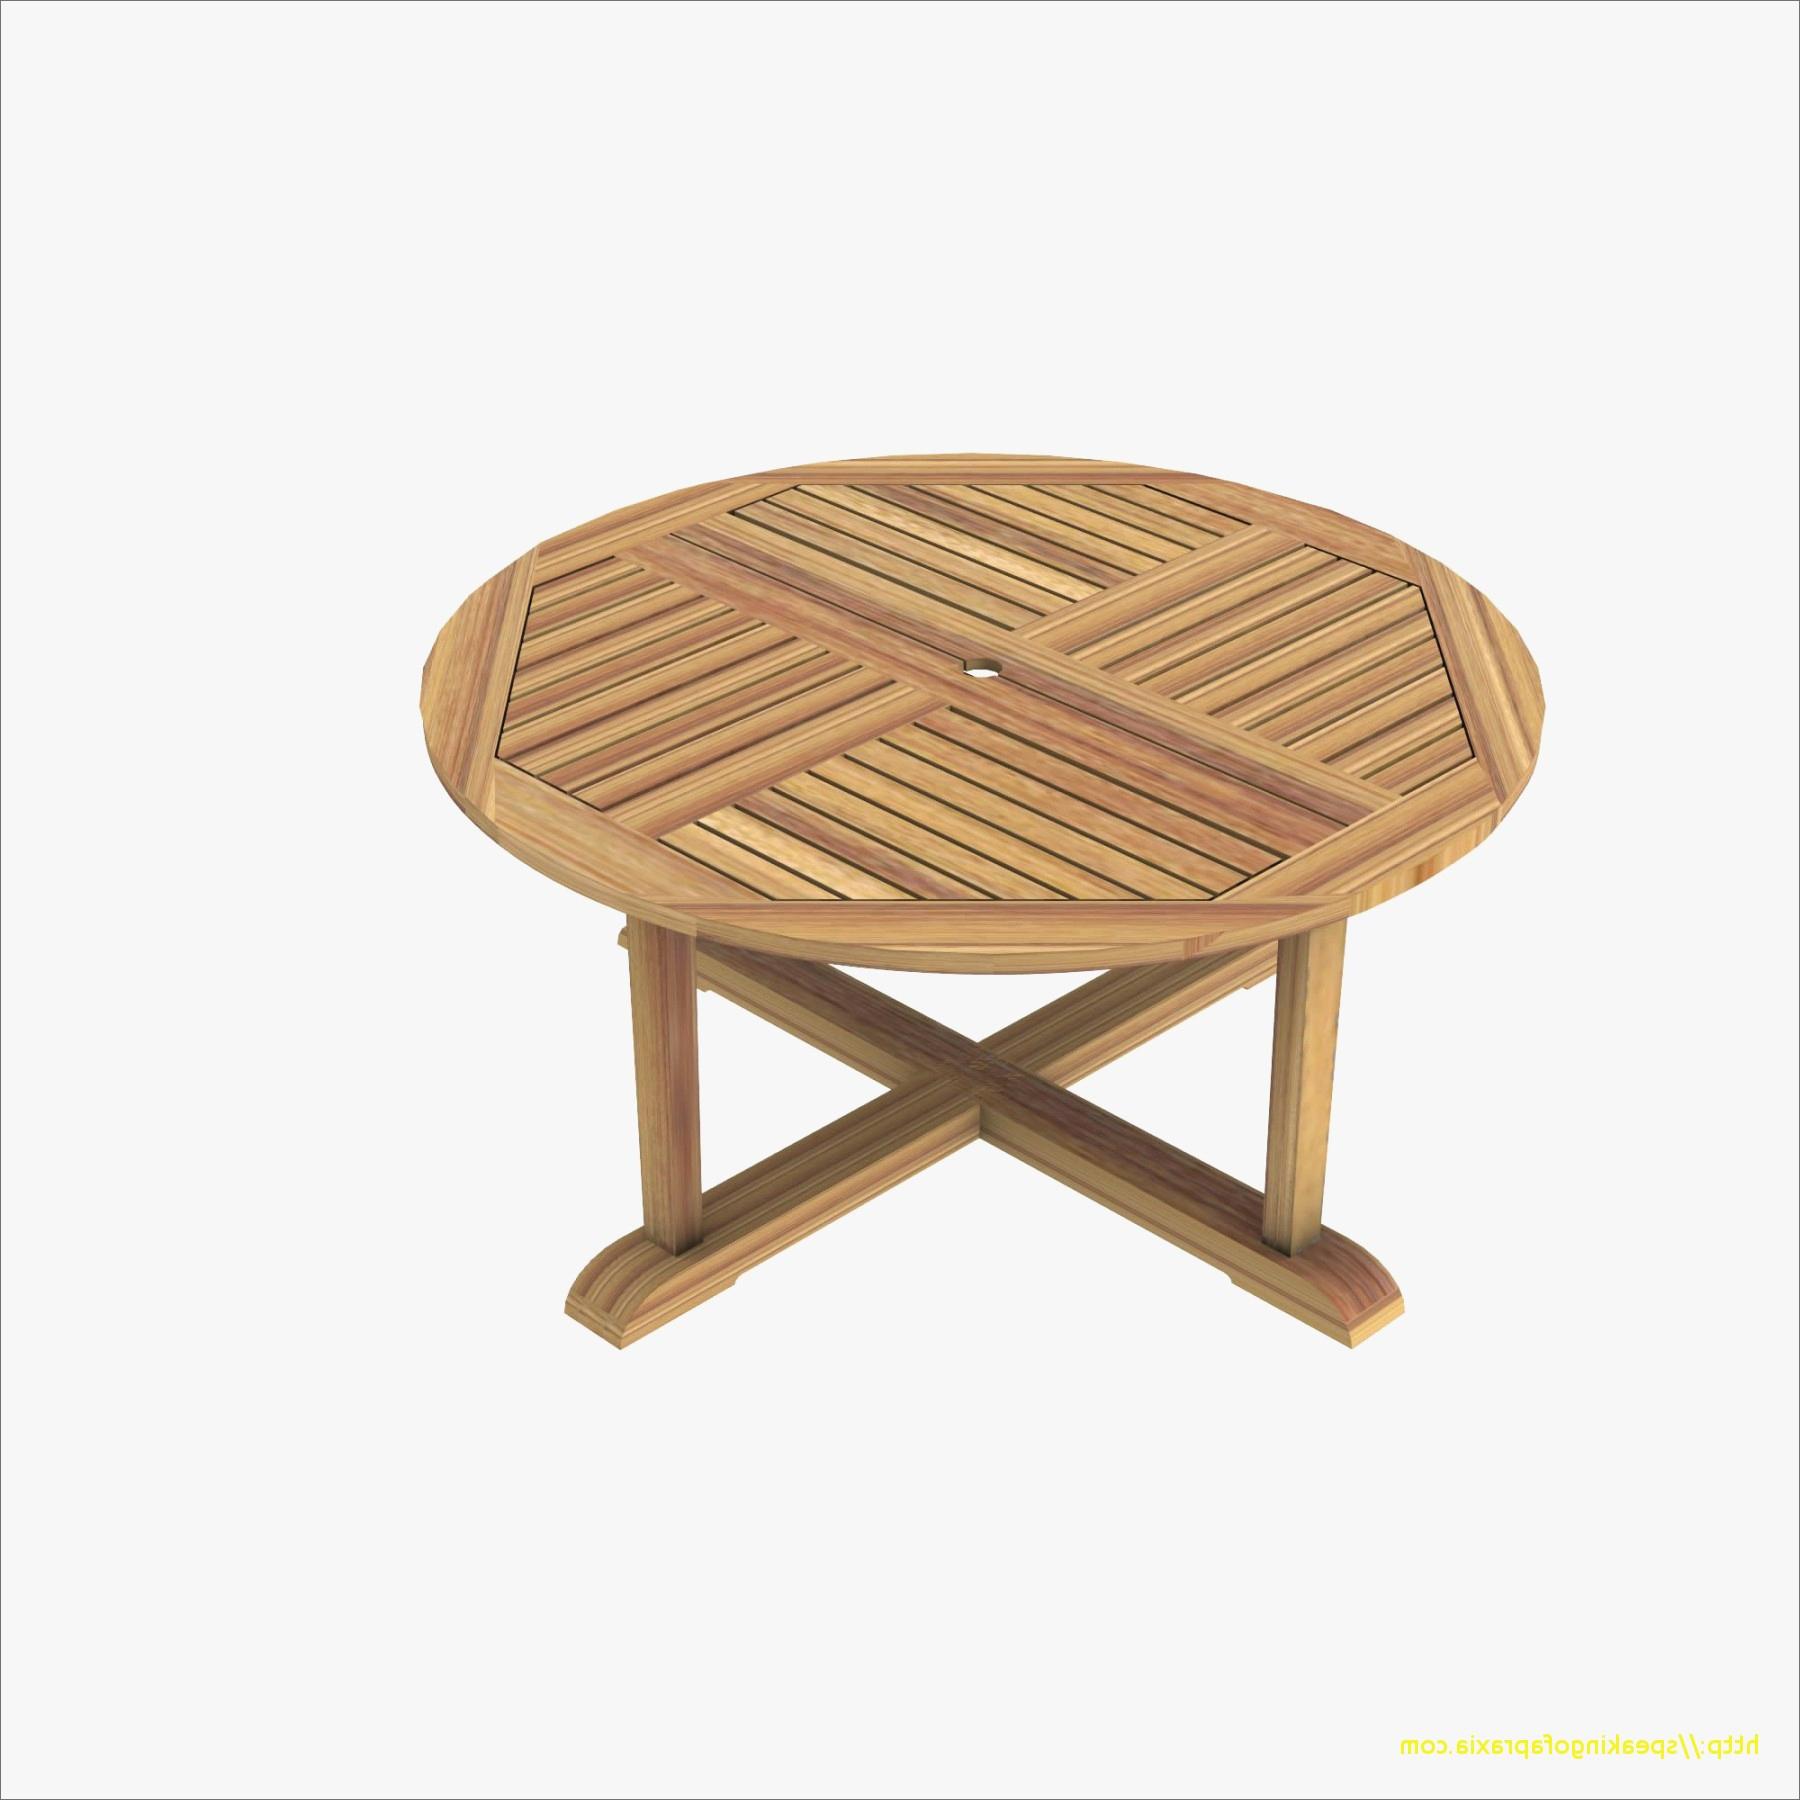 Table Et Chaises De Jardin Leclerc Meilleur De Images Fauteuil Jardin Leclerc Luxe Abri De Jardin En Bois Leclerc De